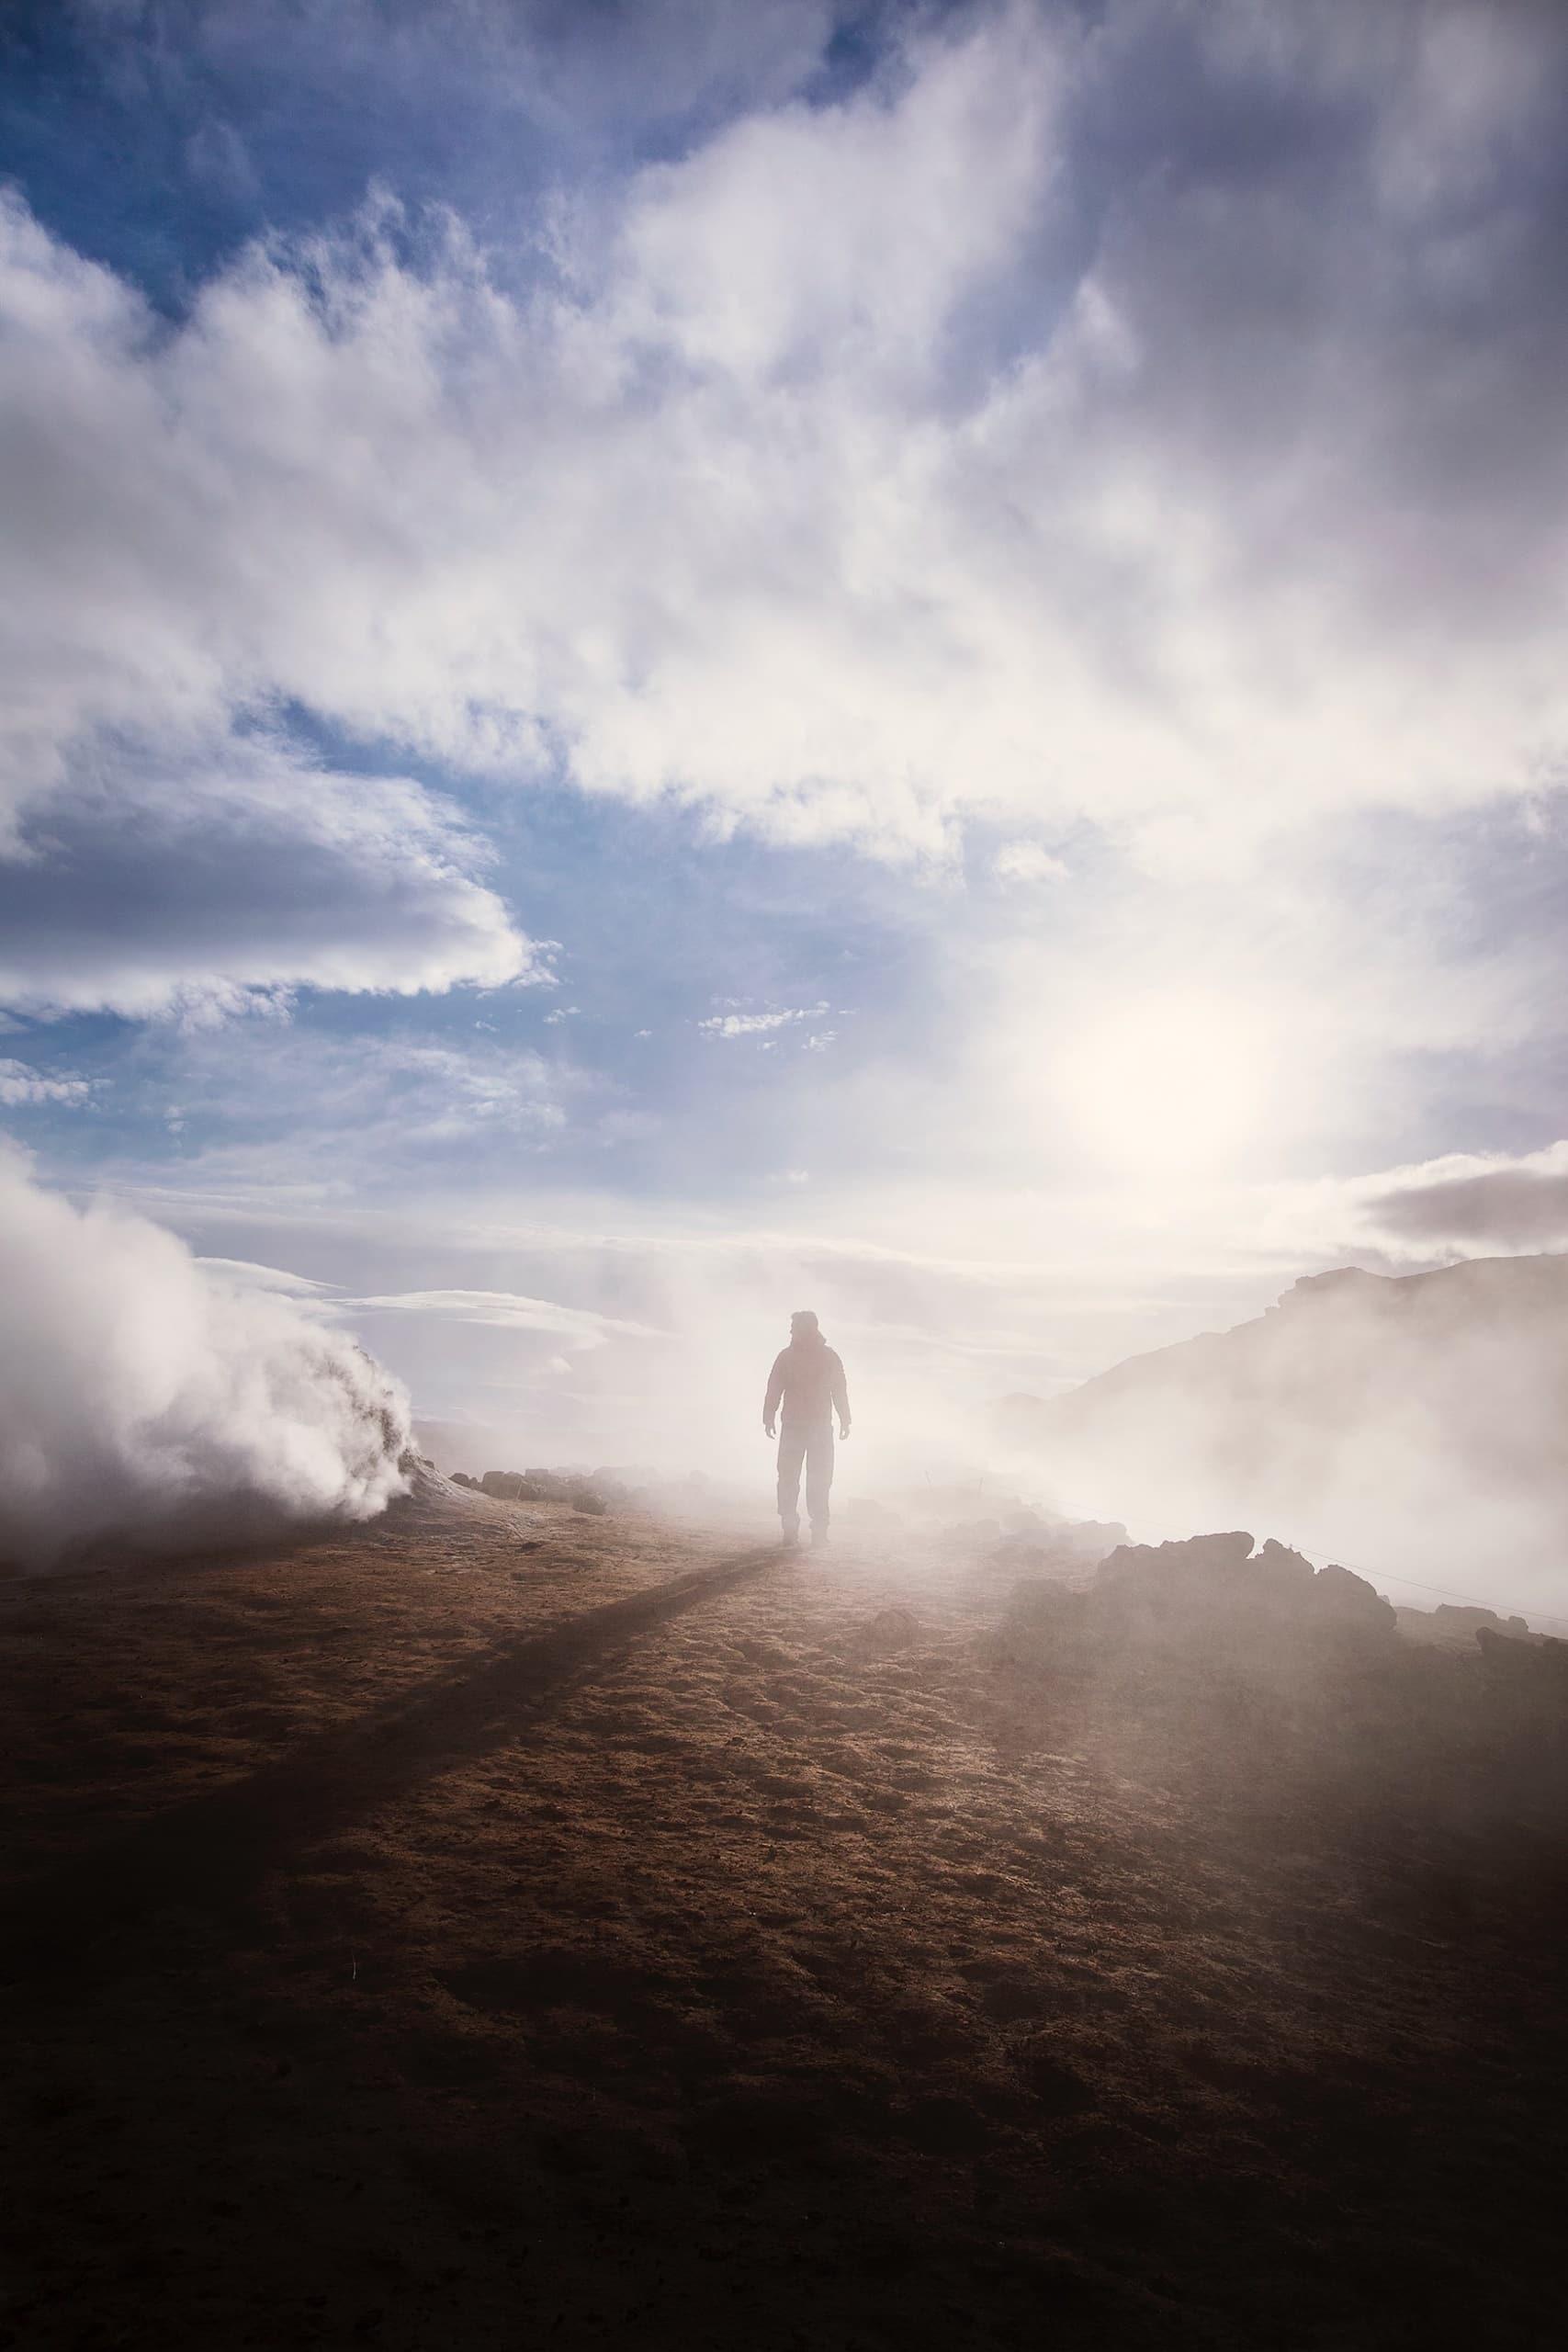 Mann wandert durch Qualm der Geysire